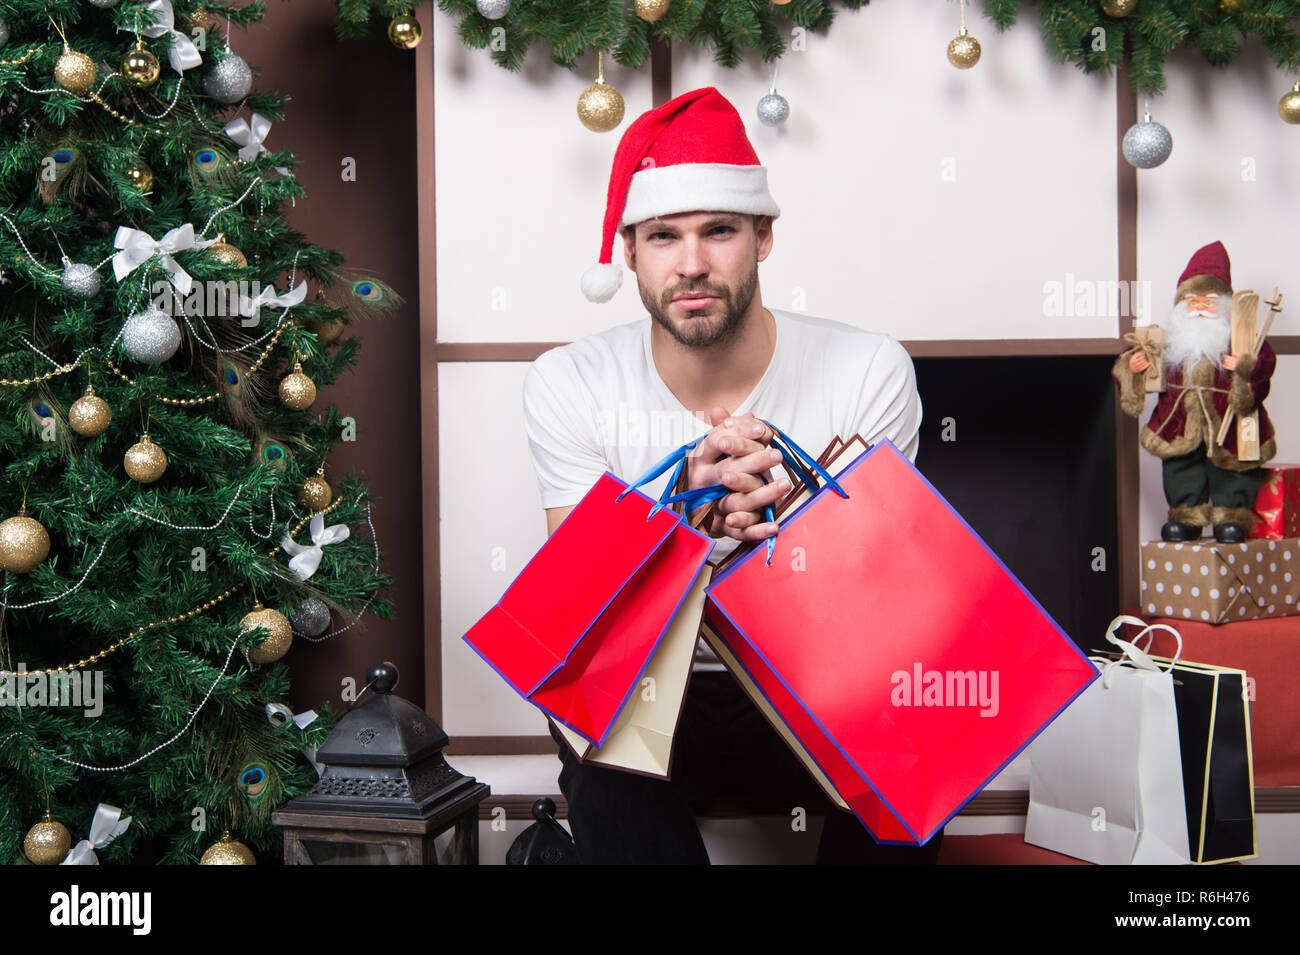 Weihnachtsgeschenk Weihnachten.Am Morgen Vor Weihnachten Lieferung Weihnachtsgeschenke Santa Mann